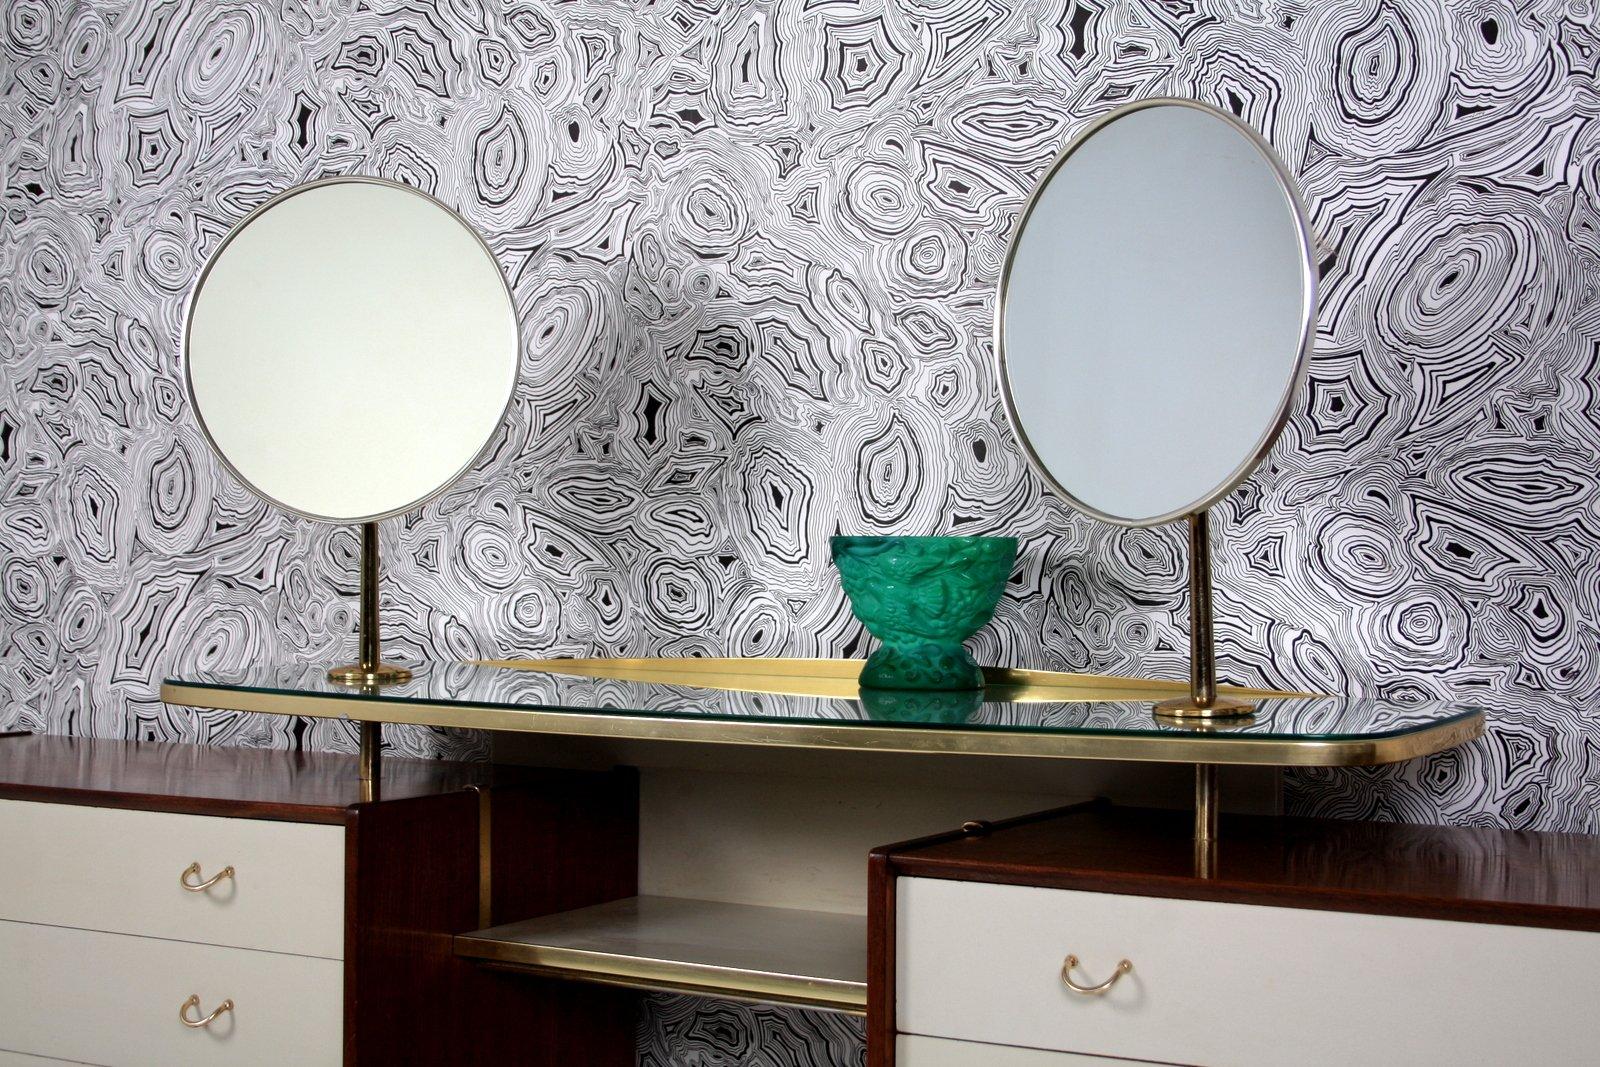 gro er frisiertisch mit 2 spiegeln von g plan 1958 bei pamono kaufen. Black Bedroom Furniture Sets. Home Design Ideas